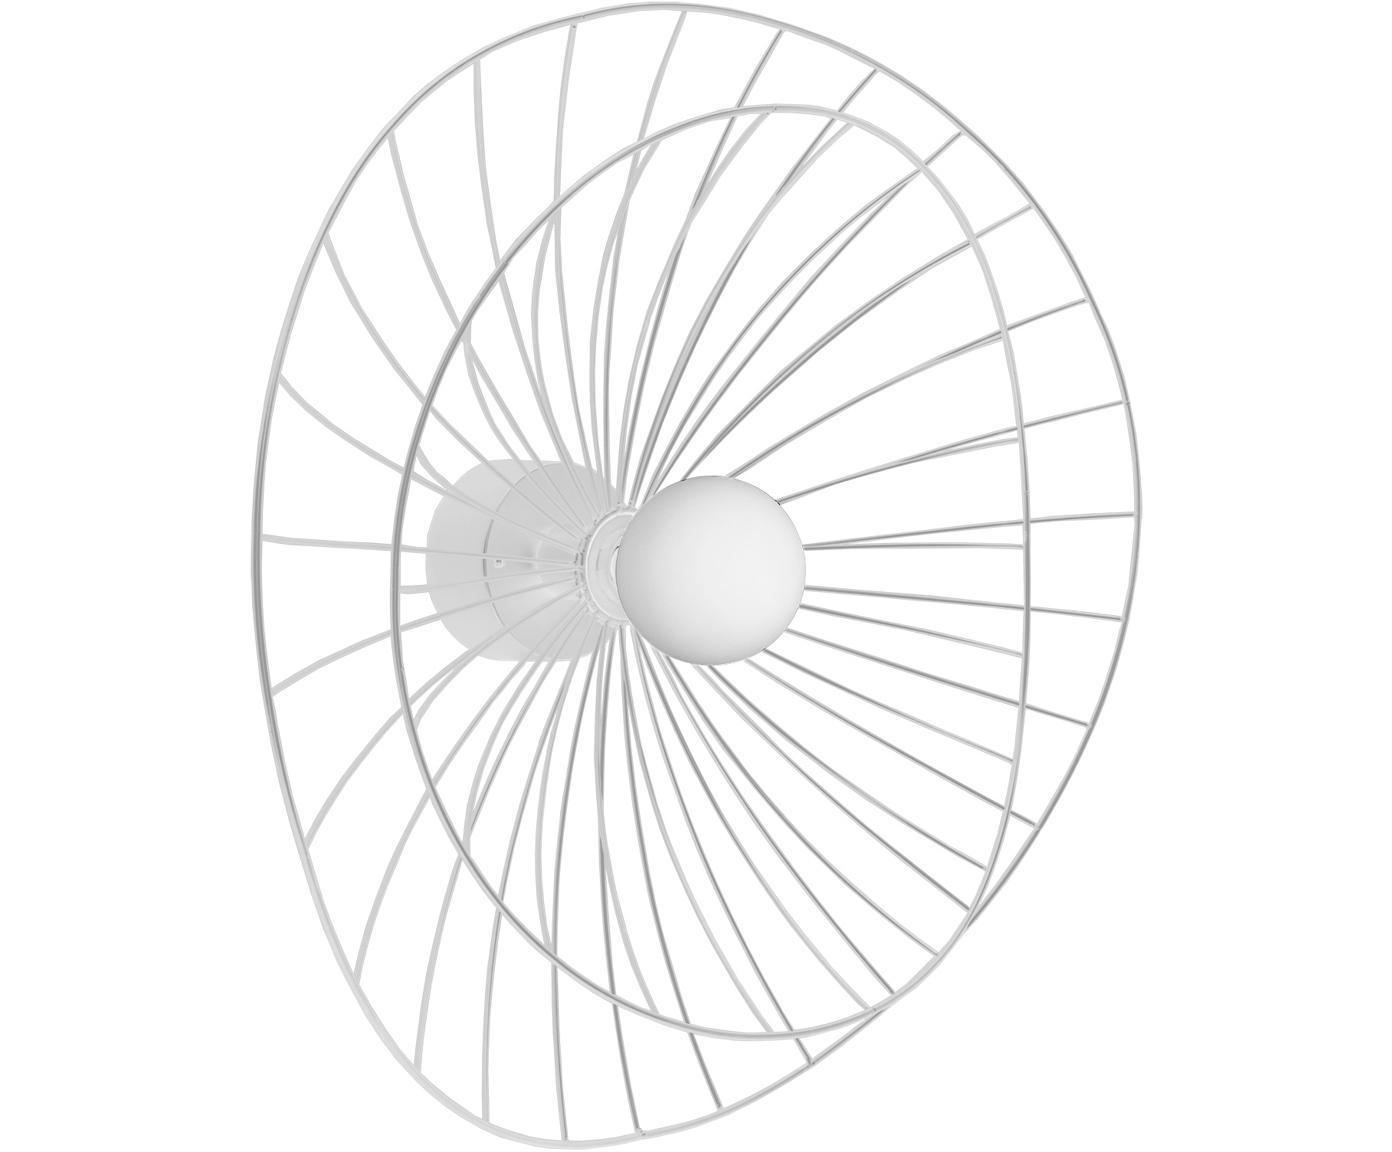 Design Wandleuchte Ray mit Stecker, Metall, Weiß, Ø 60 x H 20 cm